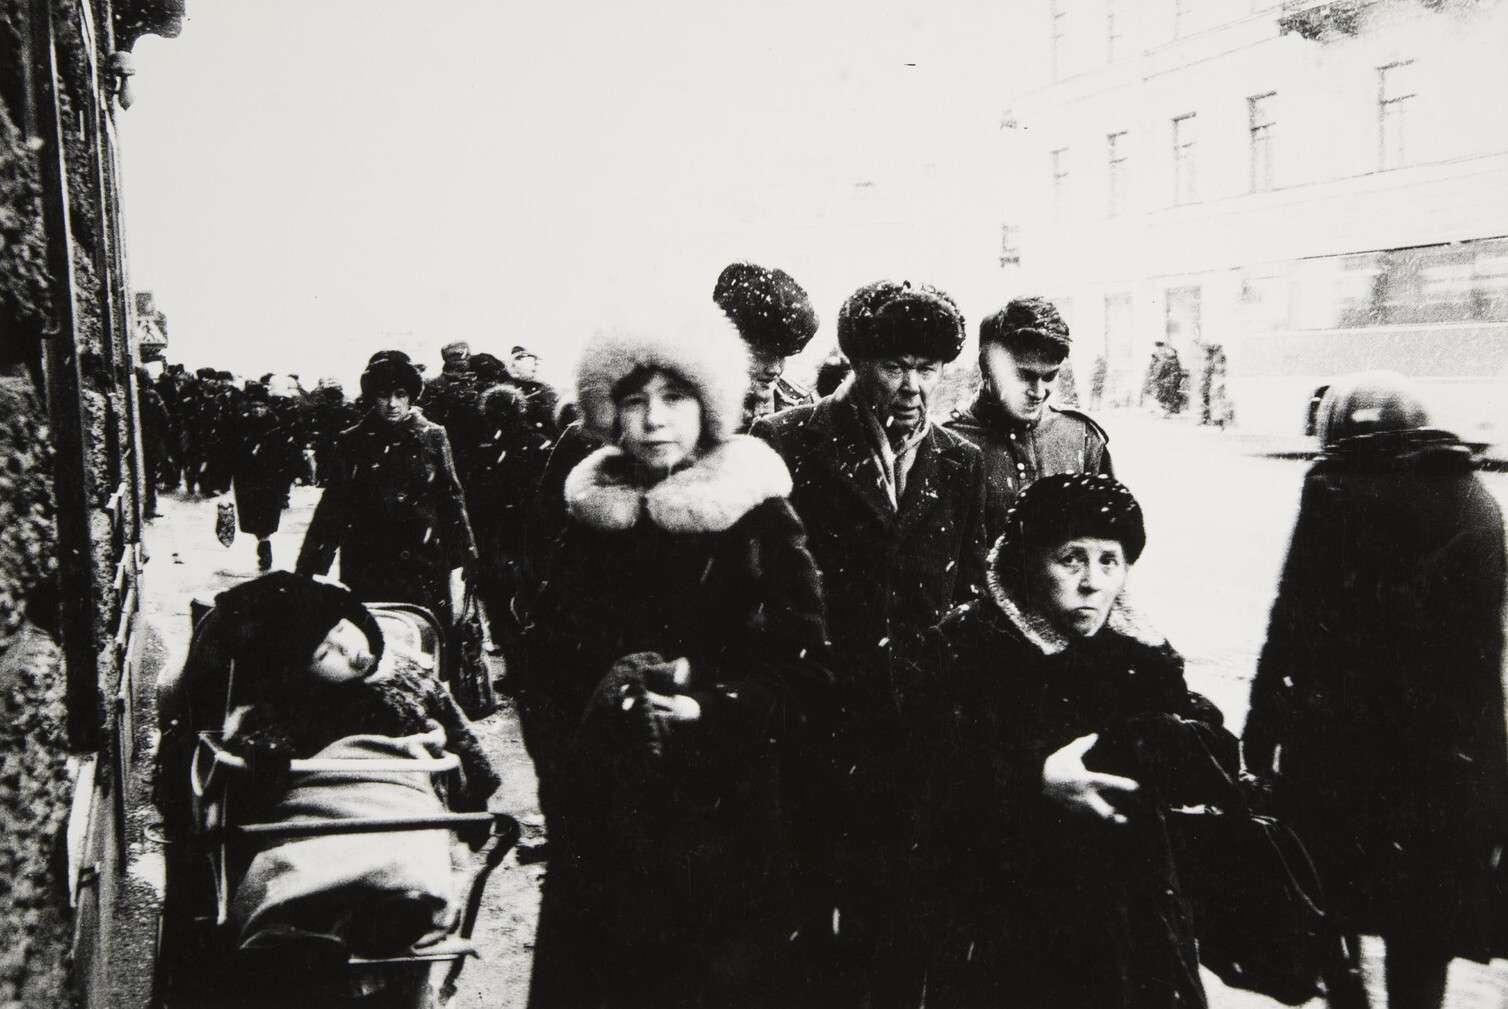 Сергей Королев.    Без названия   Ленинград, 1985